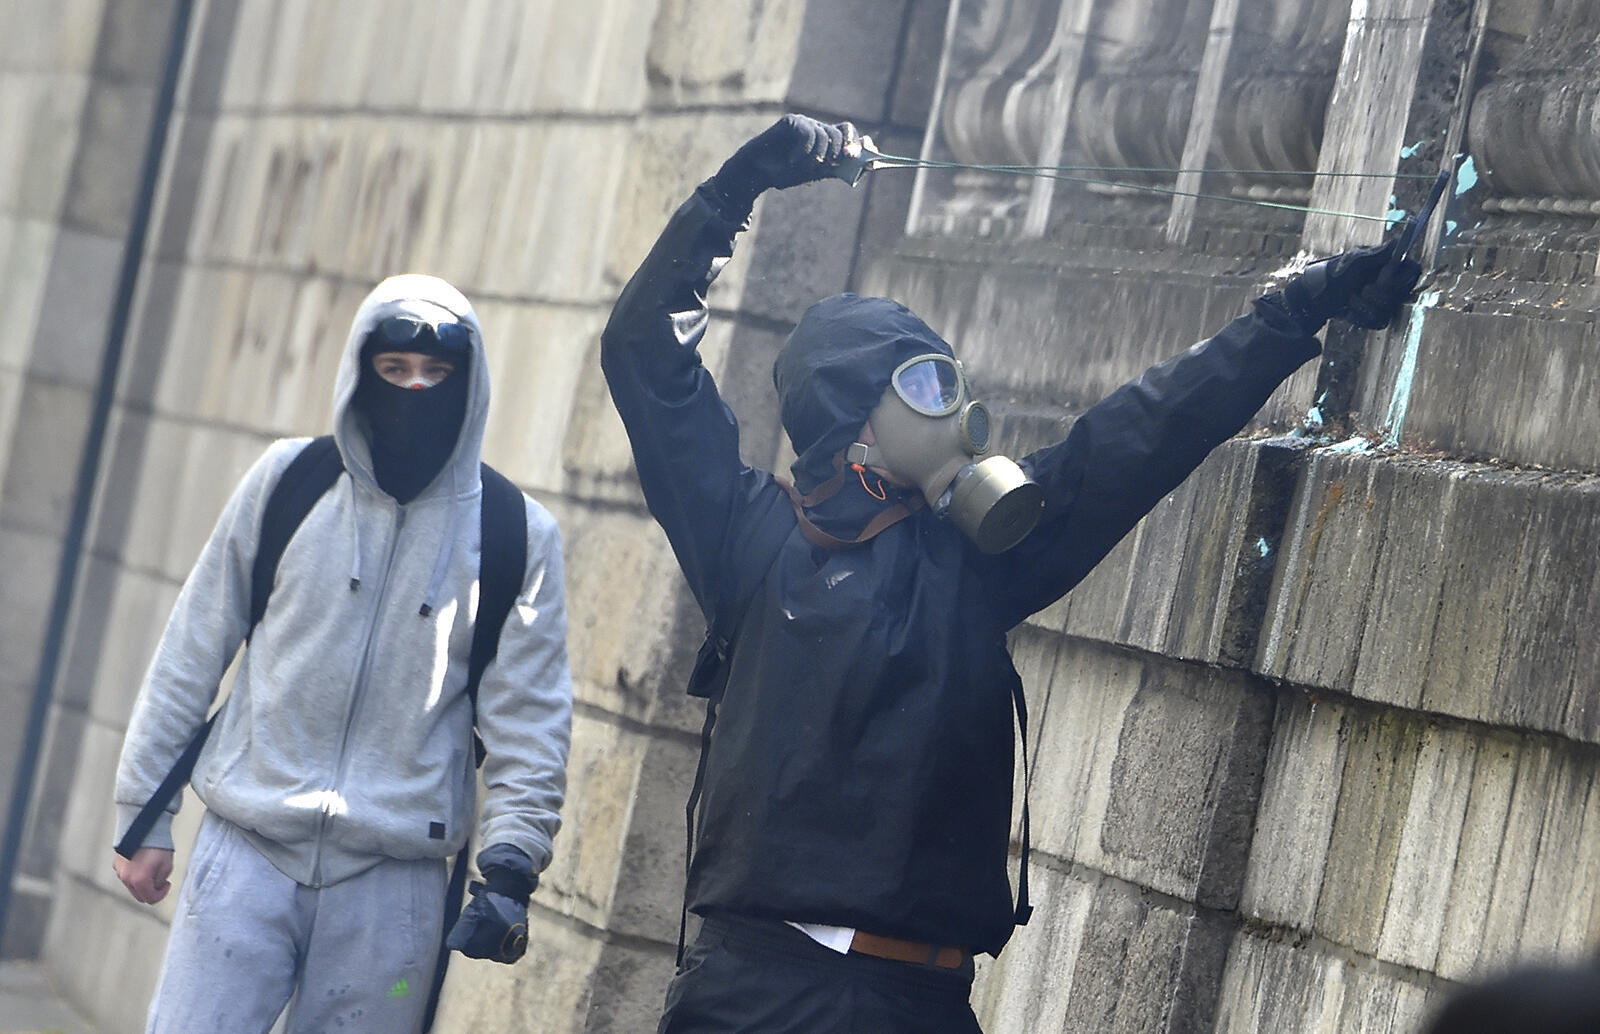 Как отмечают французские СМИ, участники беспорядков на парижских акциях протеста дейстуют организованно и используют рогатки для того, чтобы забрасывать полицейских булыжниками.